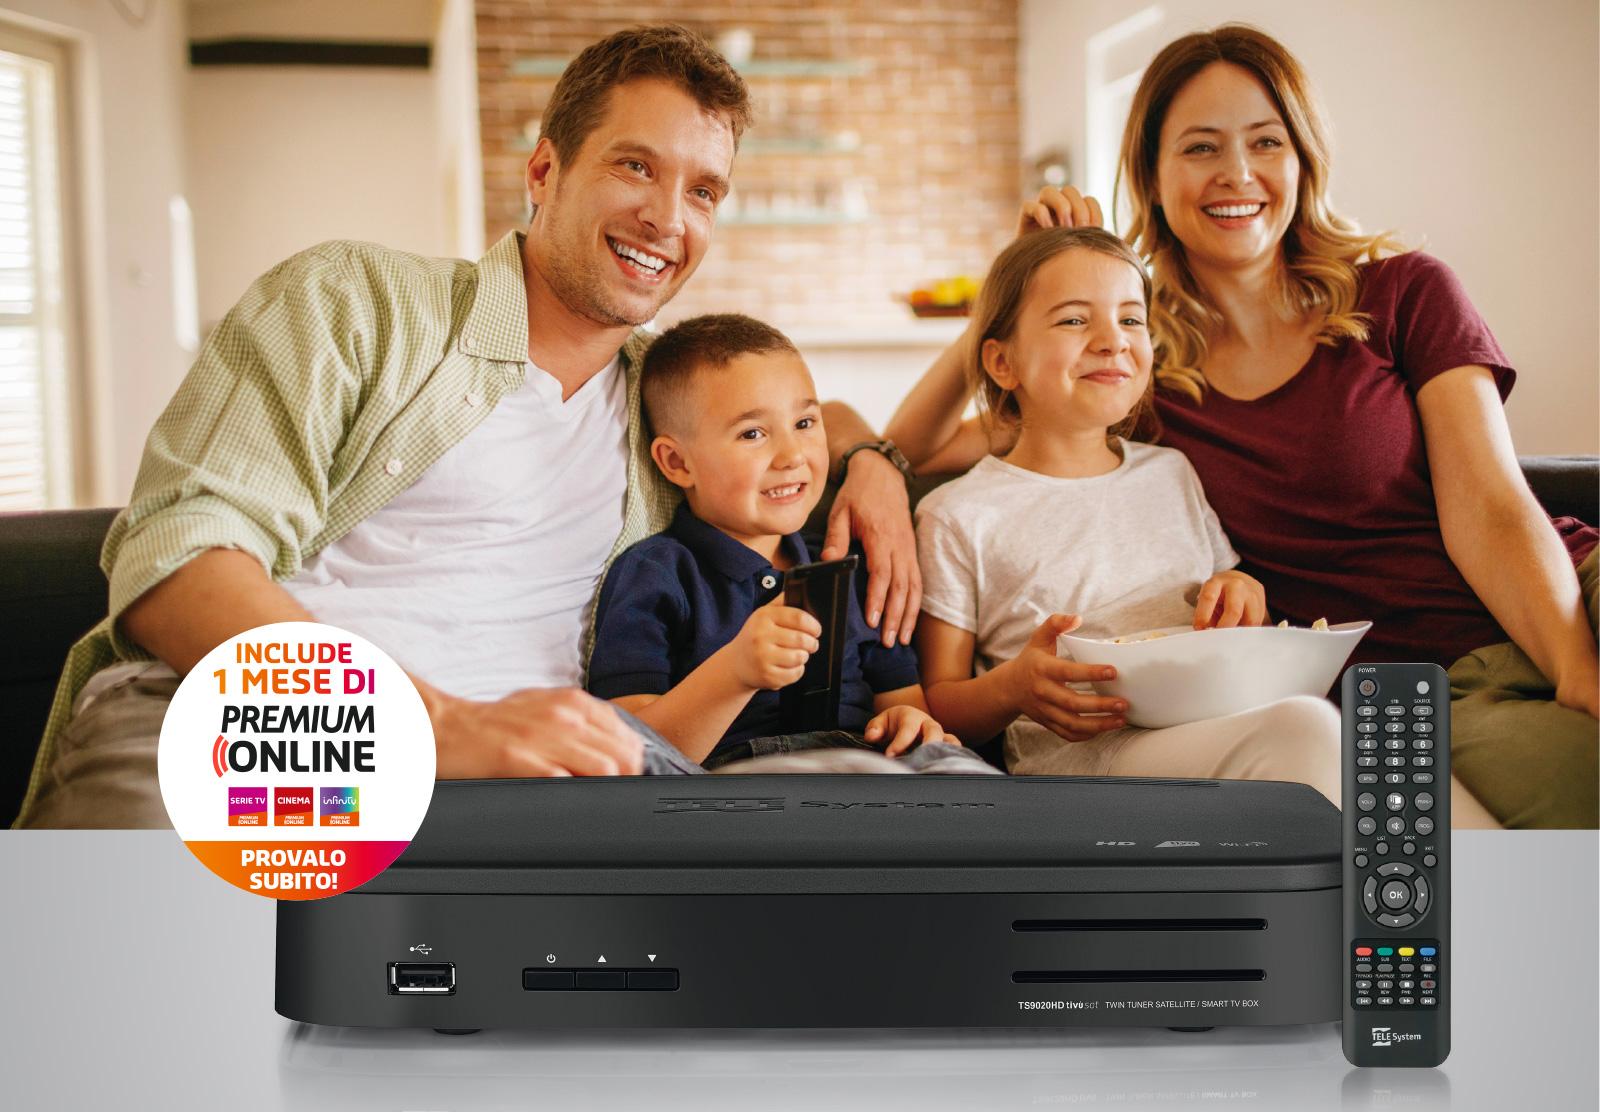 TS9020HD con Premium online